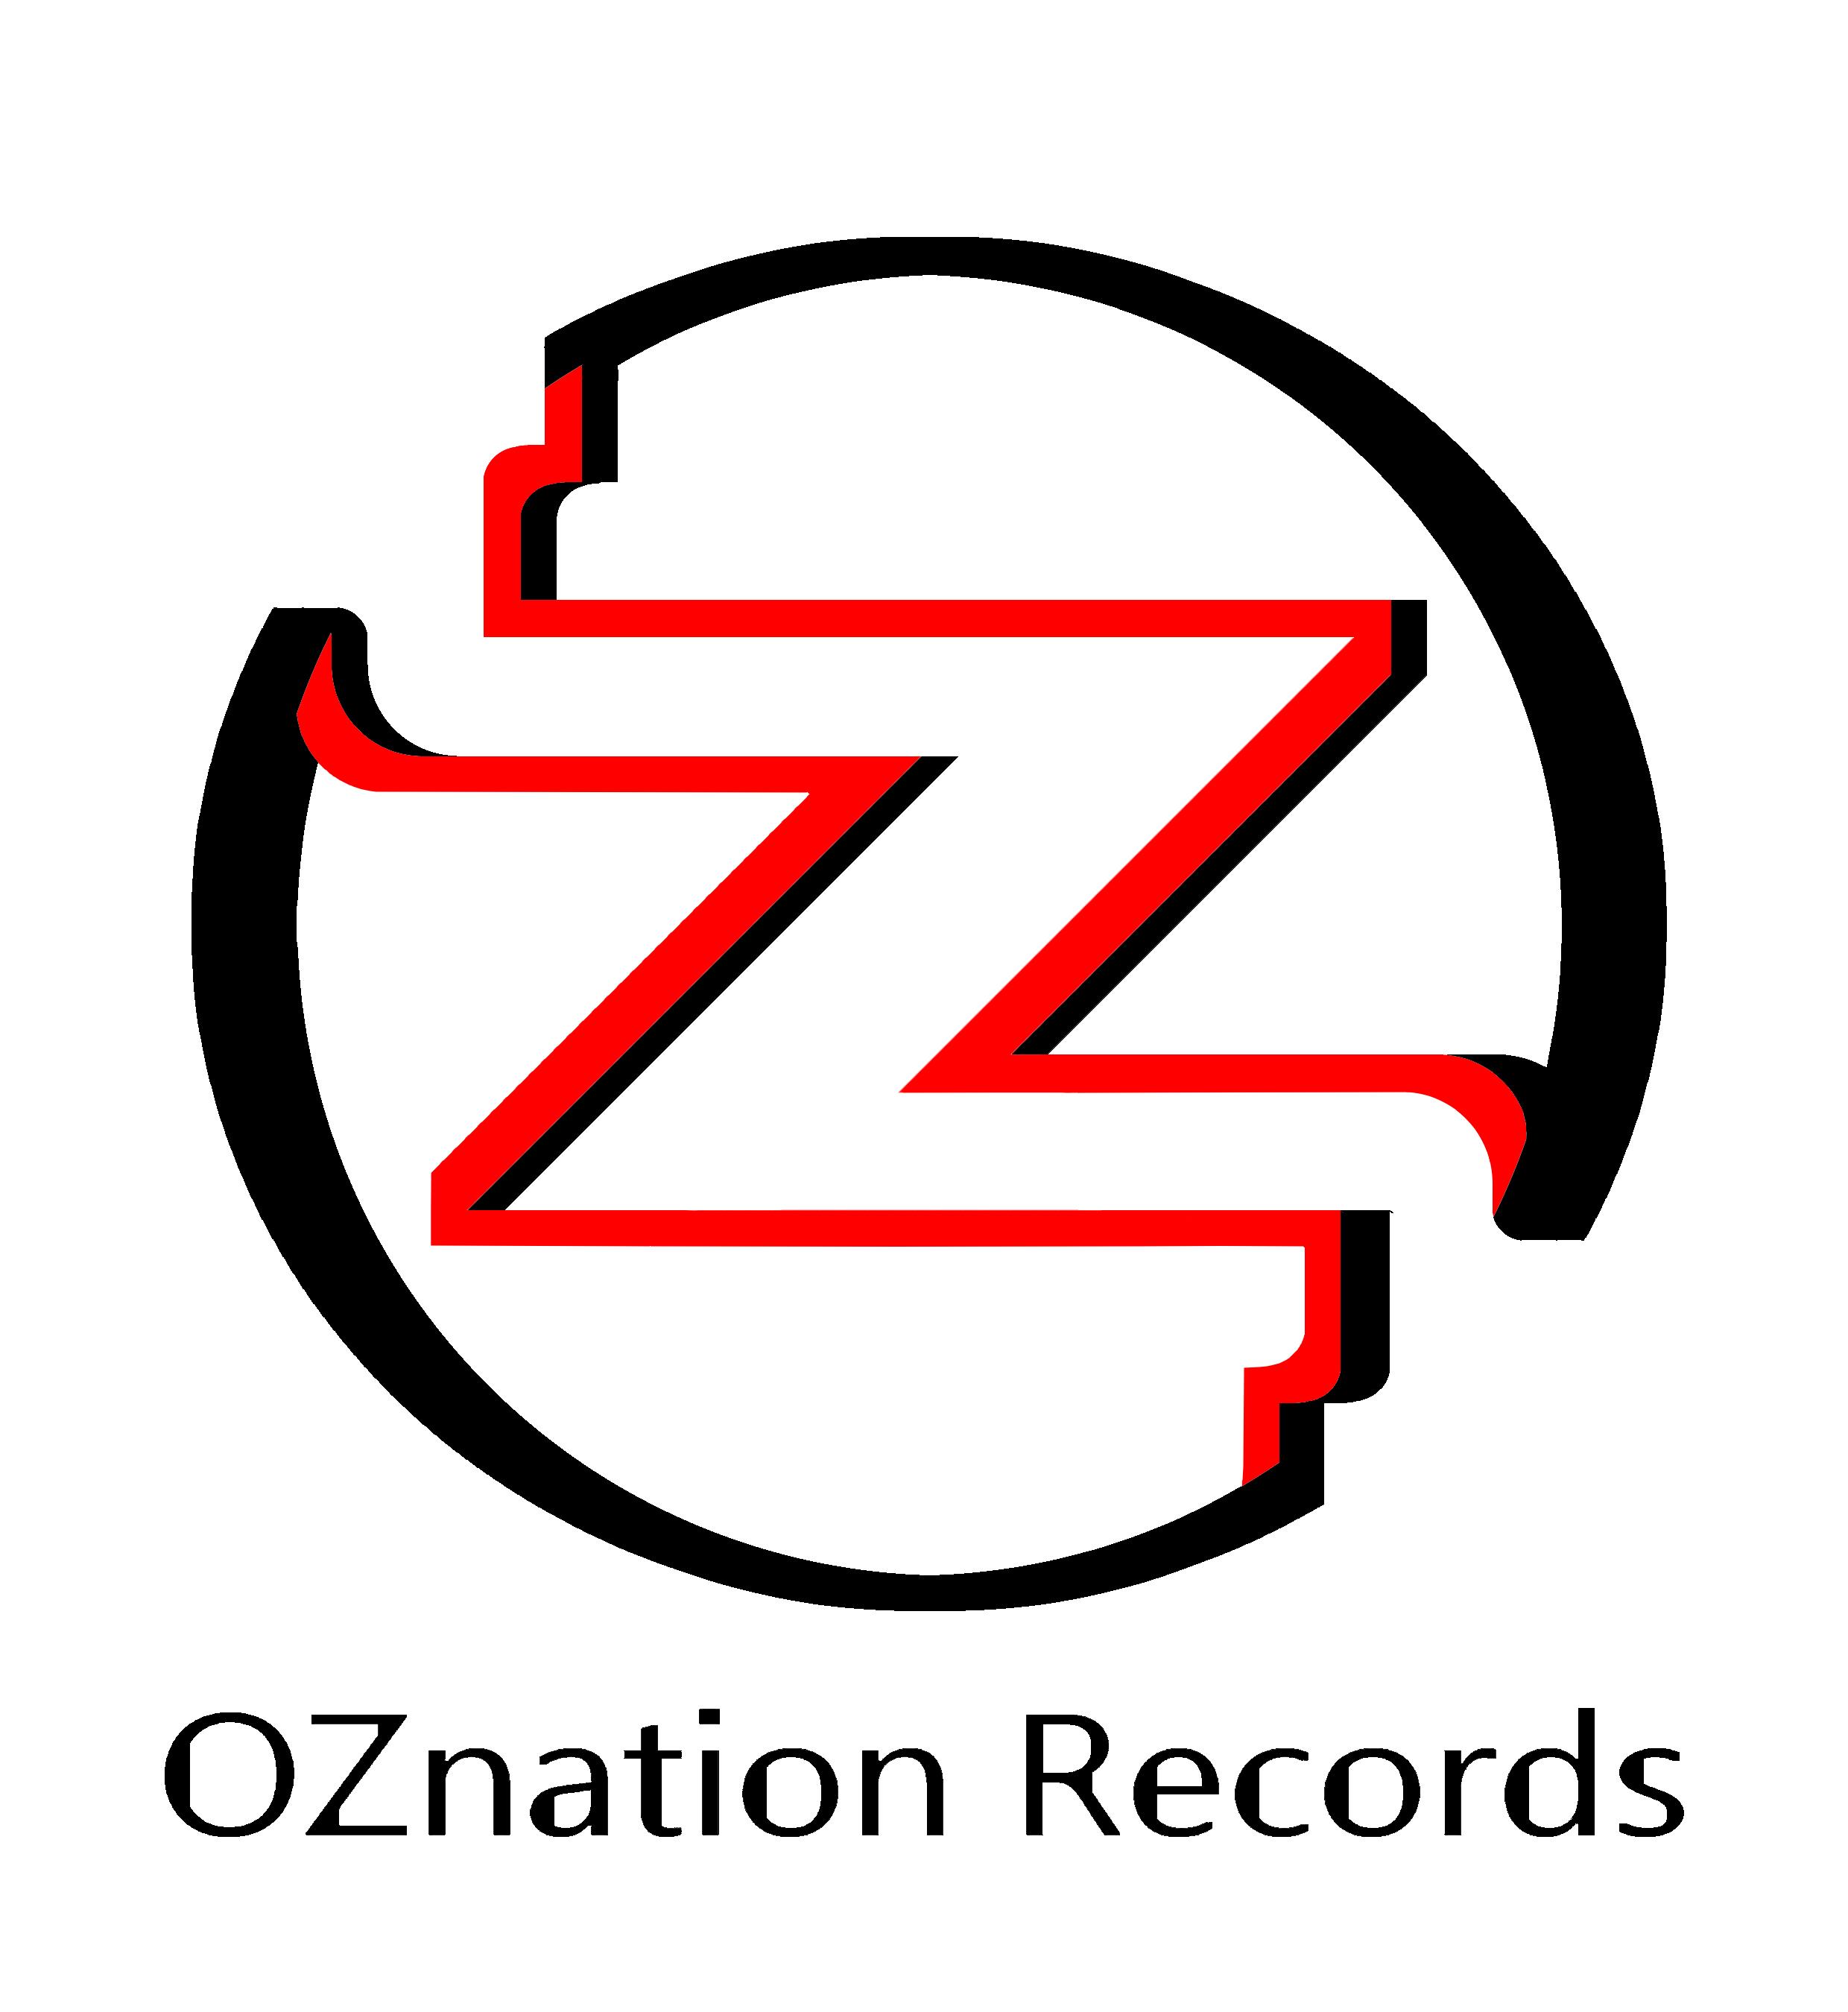 ウッヒョオオオオオオウ オオオウ ォォォゥ ォォォゥコンピ 公式ページ Logo